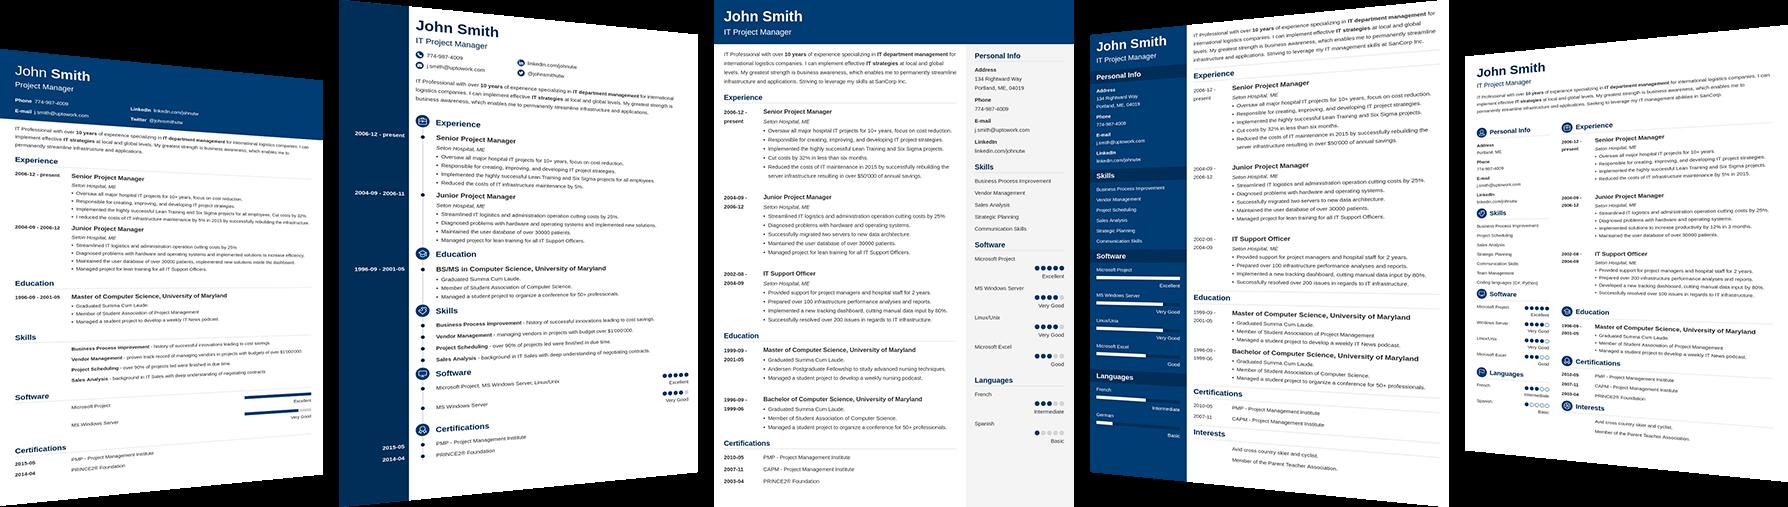 Faire un CV qui vous amène droit en entretien